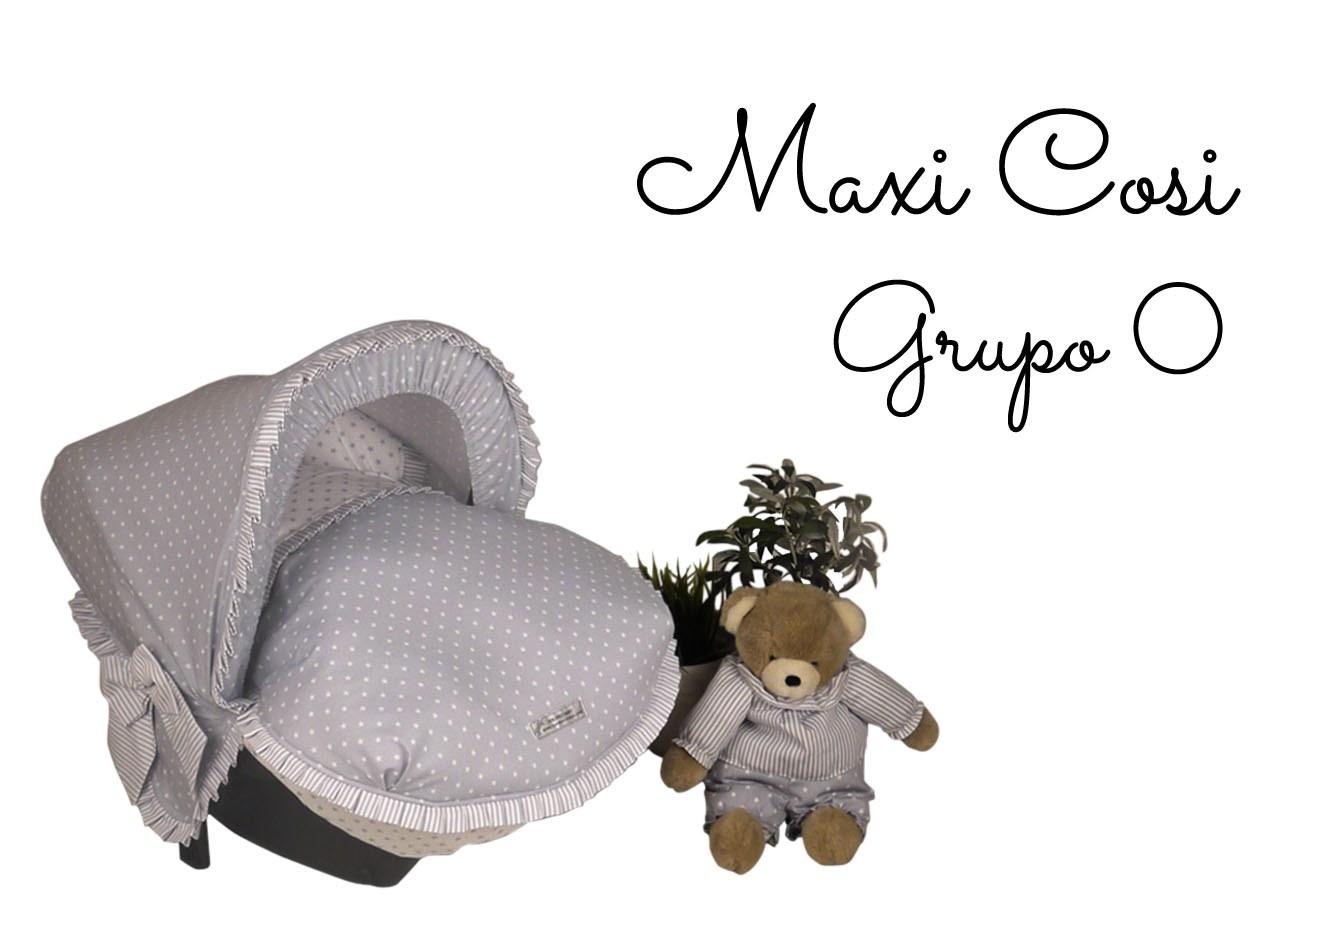 Funda Maxi Cosi